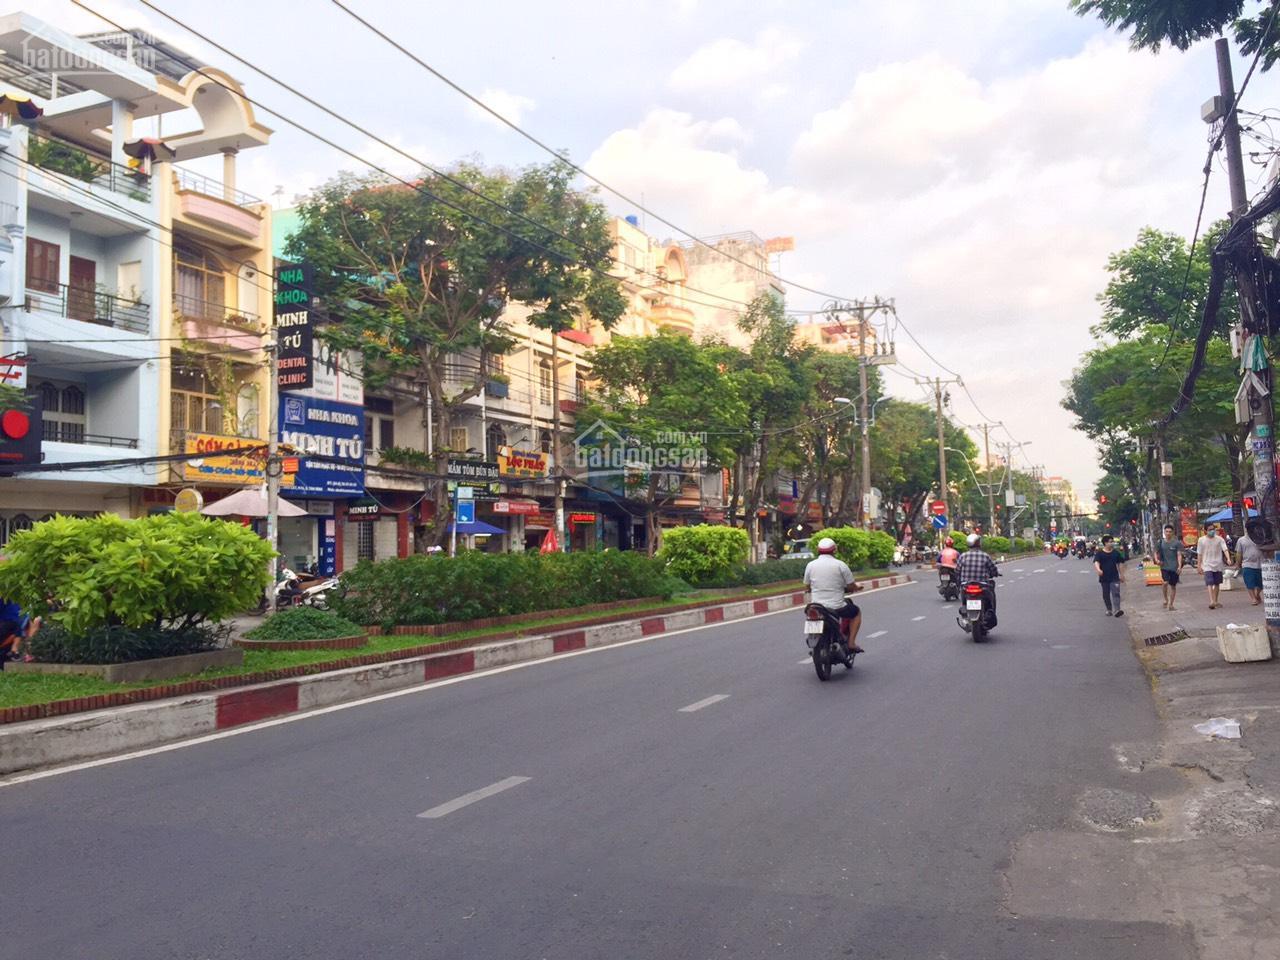 Bán nhà góc 2 mặt tiền Bàu Cát, Phường 14, Tân Bình; 8 x 14m, vị trí đẹp